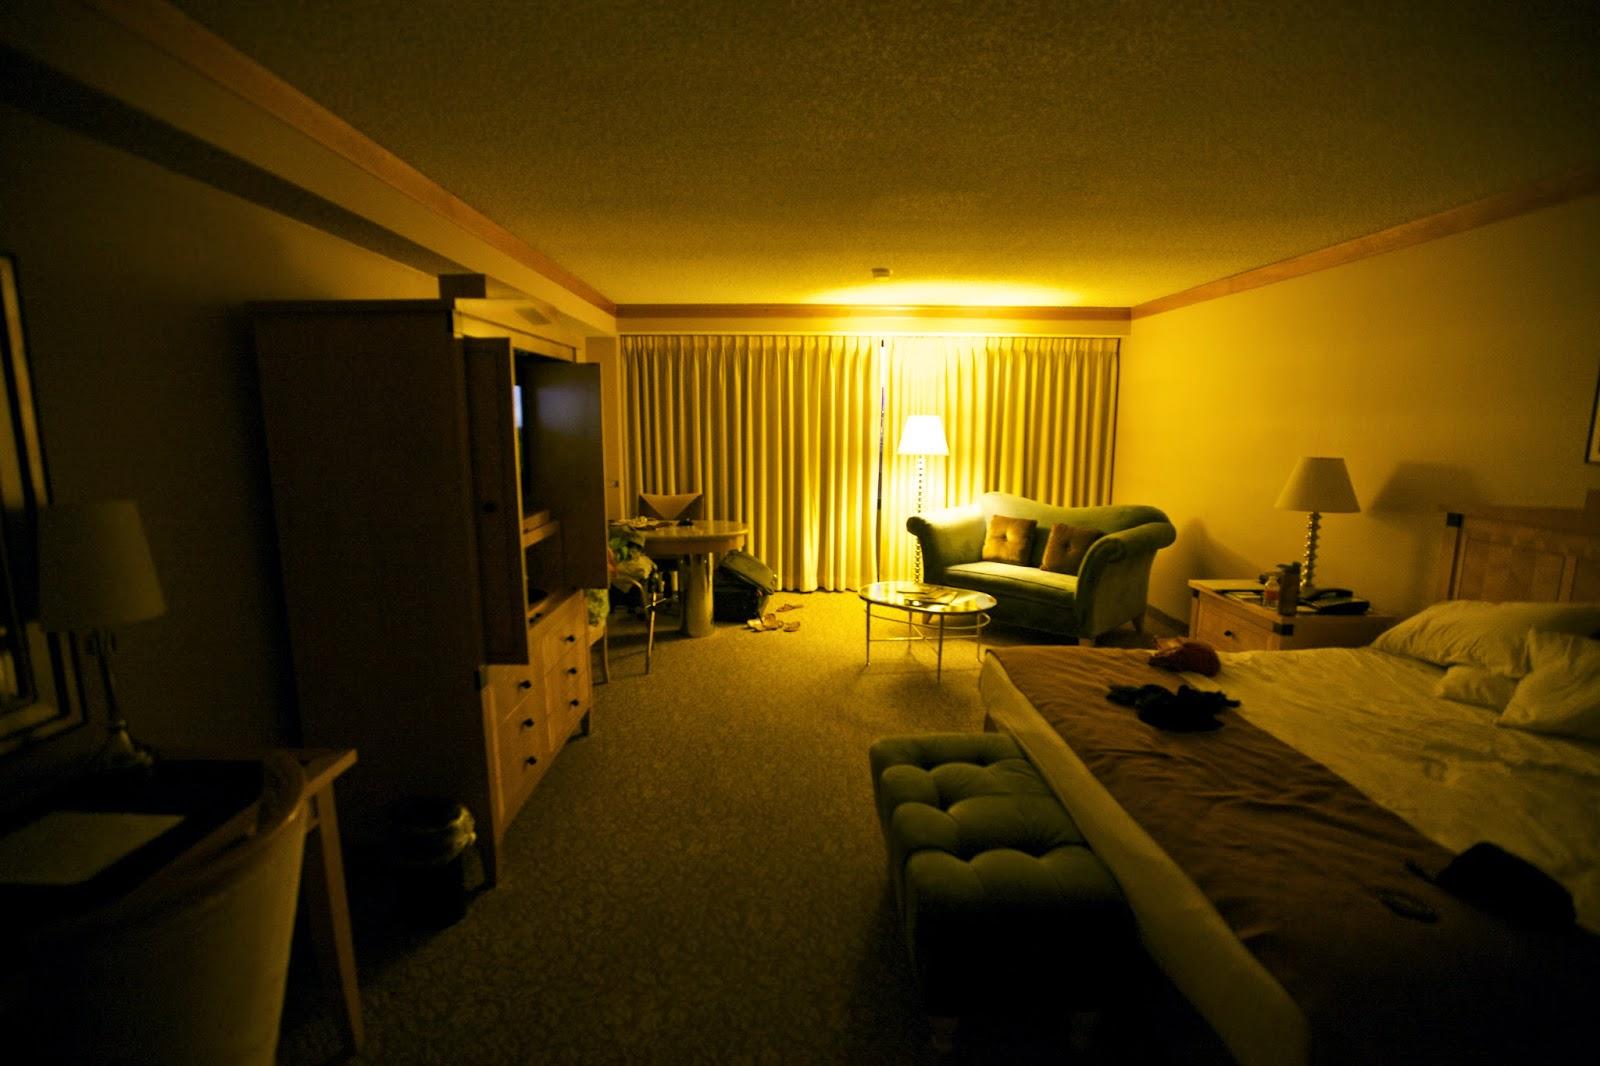 Bally's Hotel Room